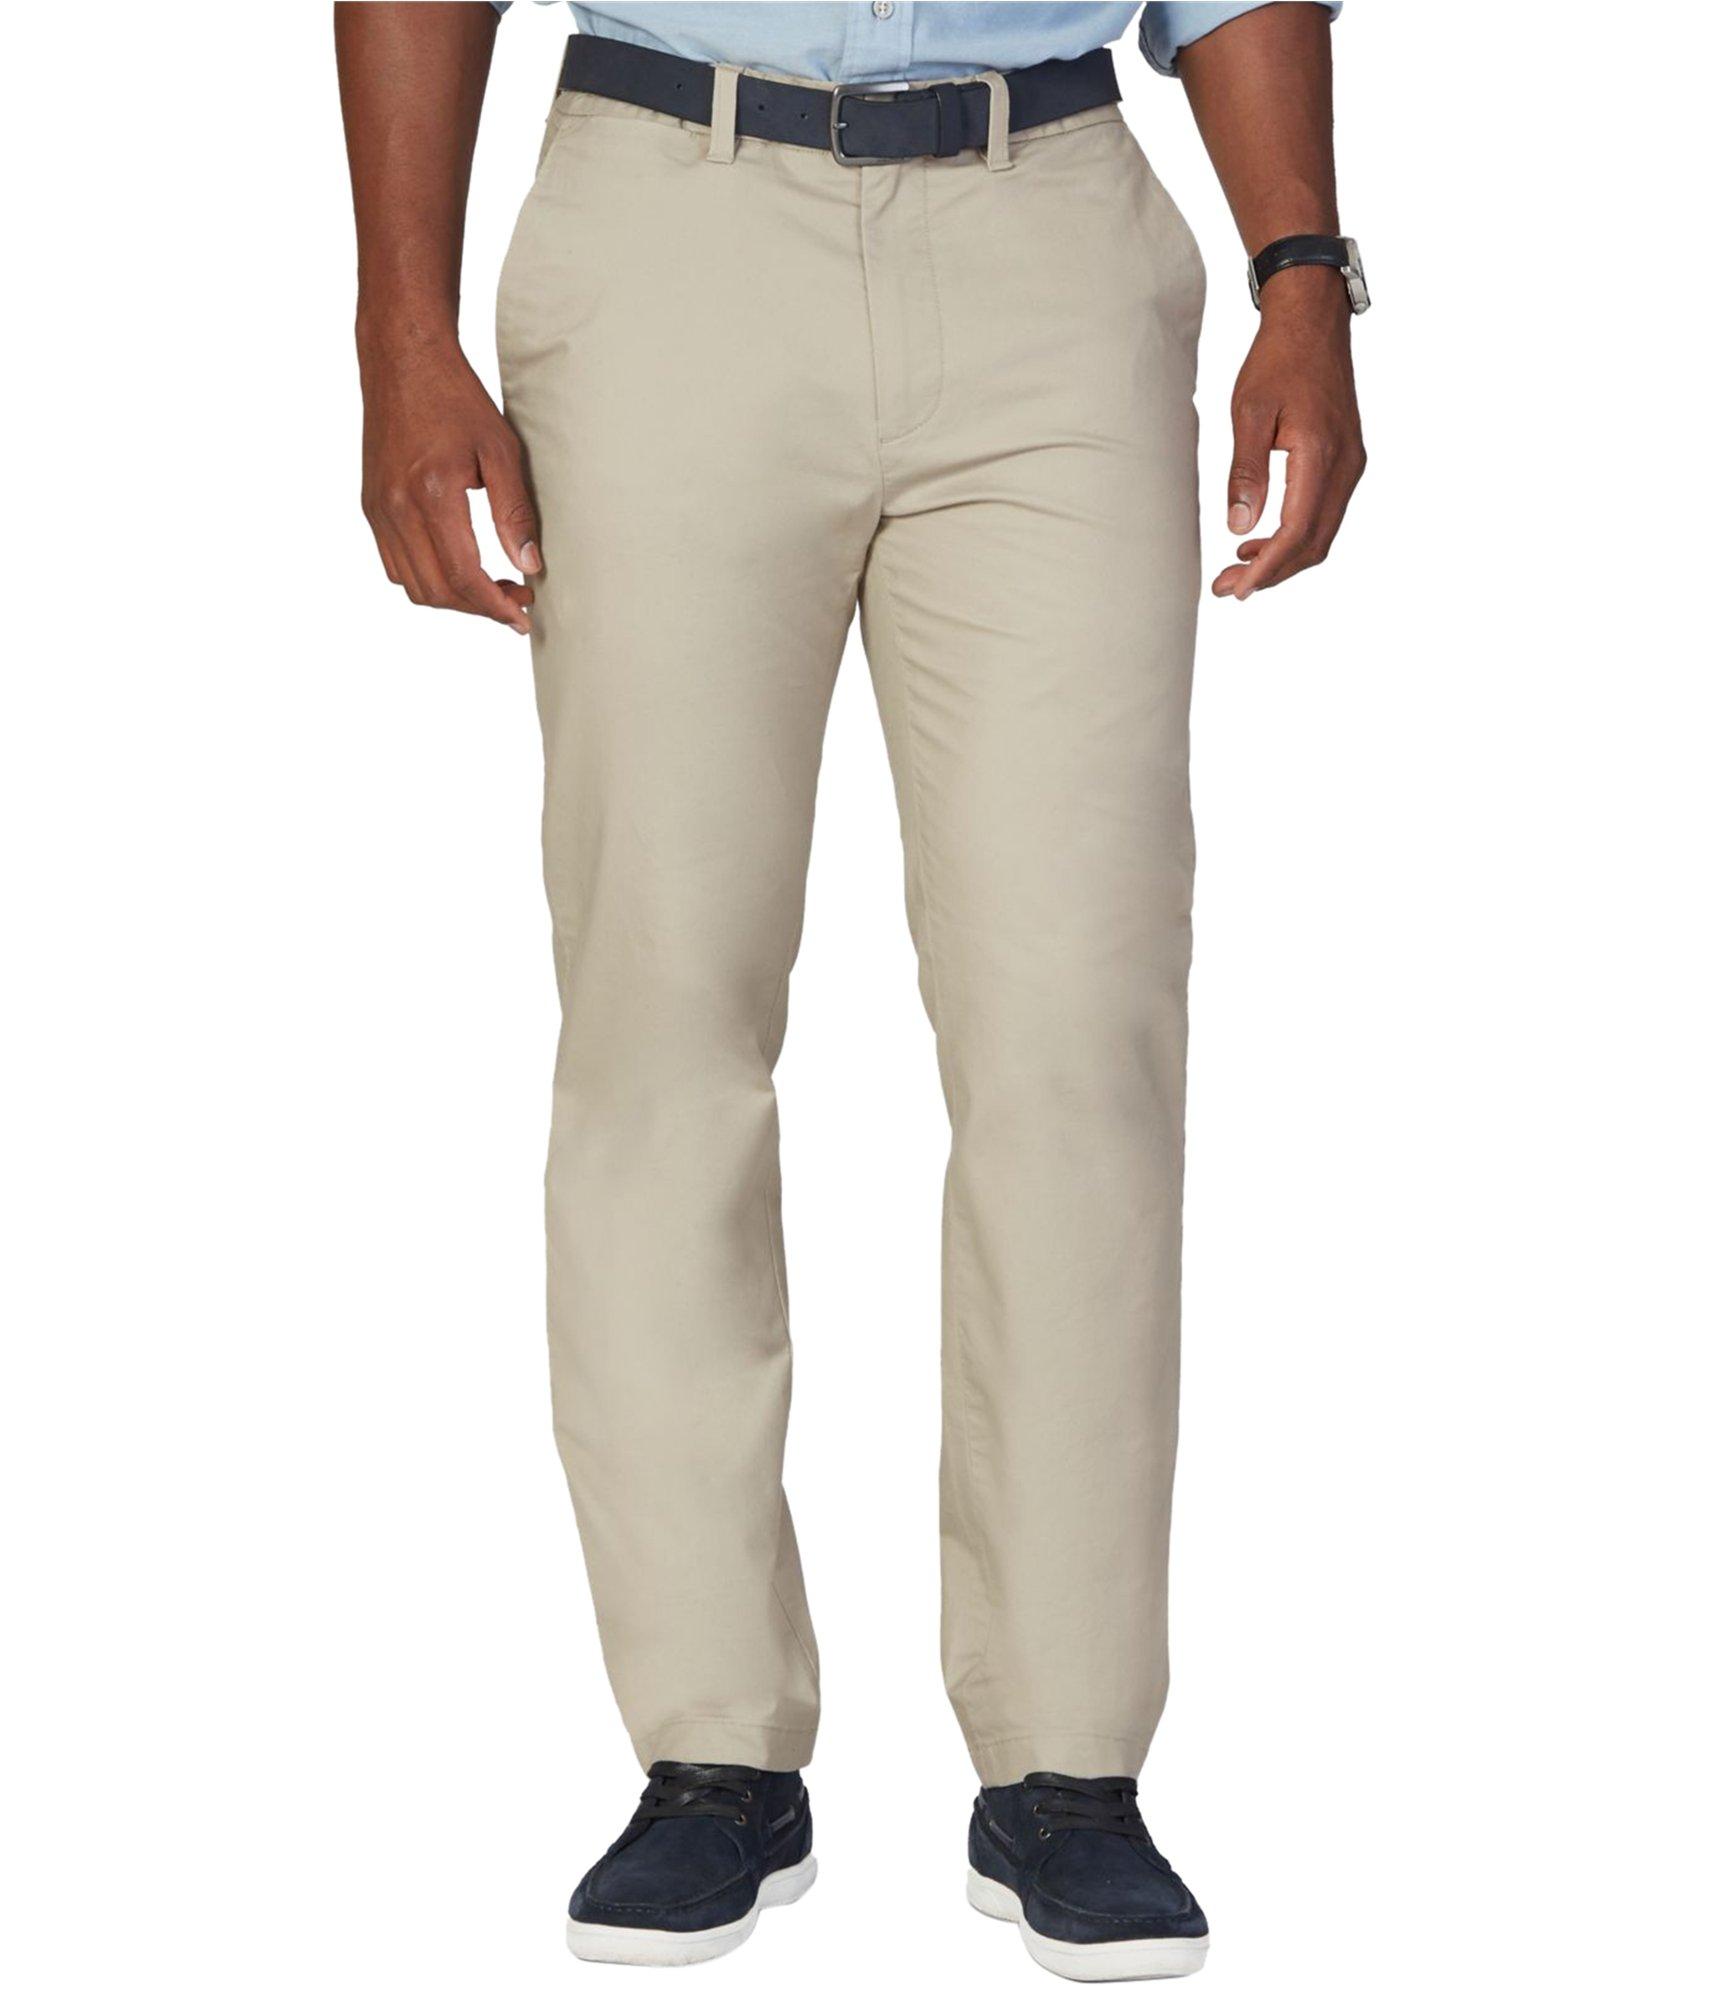 Nautica Men's Flat Front Slim Fit Twill Chino Marina Stretch Pant, Beach Sand, 32W x 30L